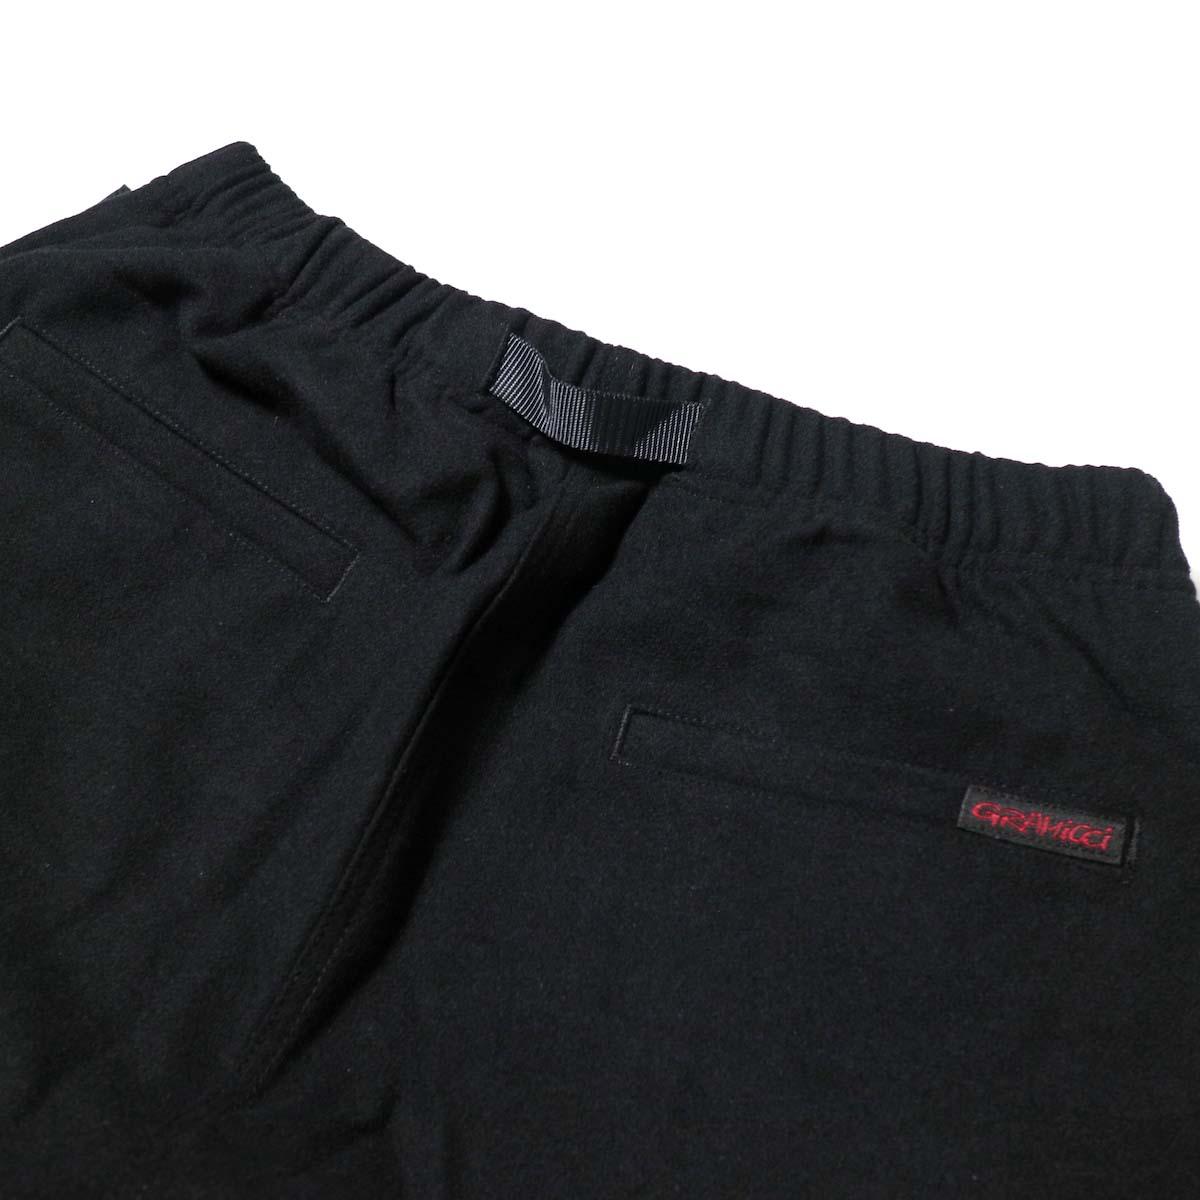 GRAMICCI / WOOL BLEND ST-PANTS (Black)ヒップポケット